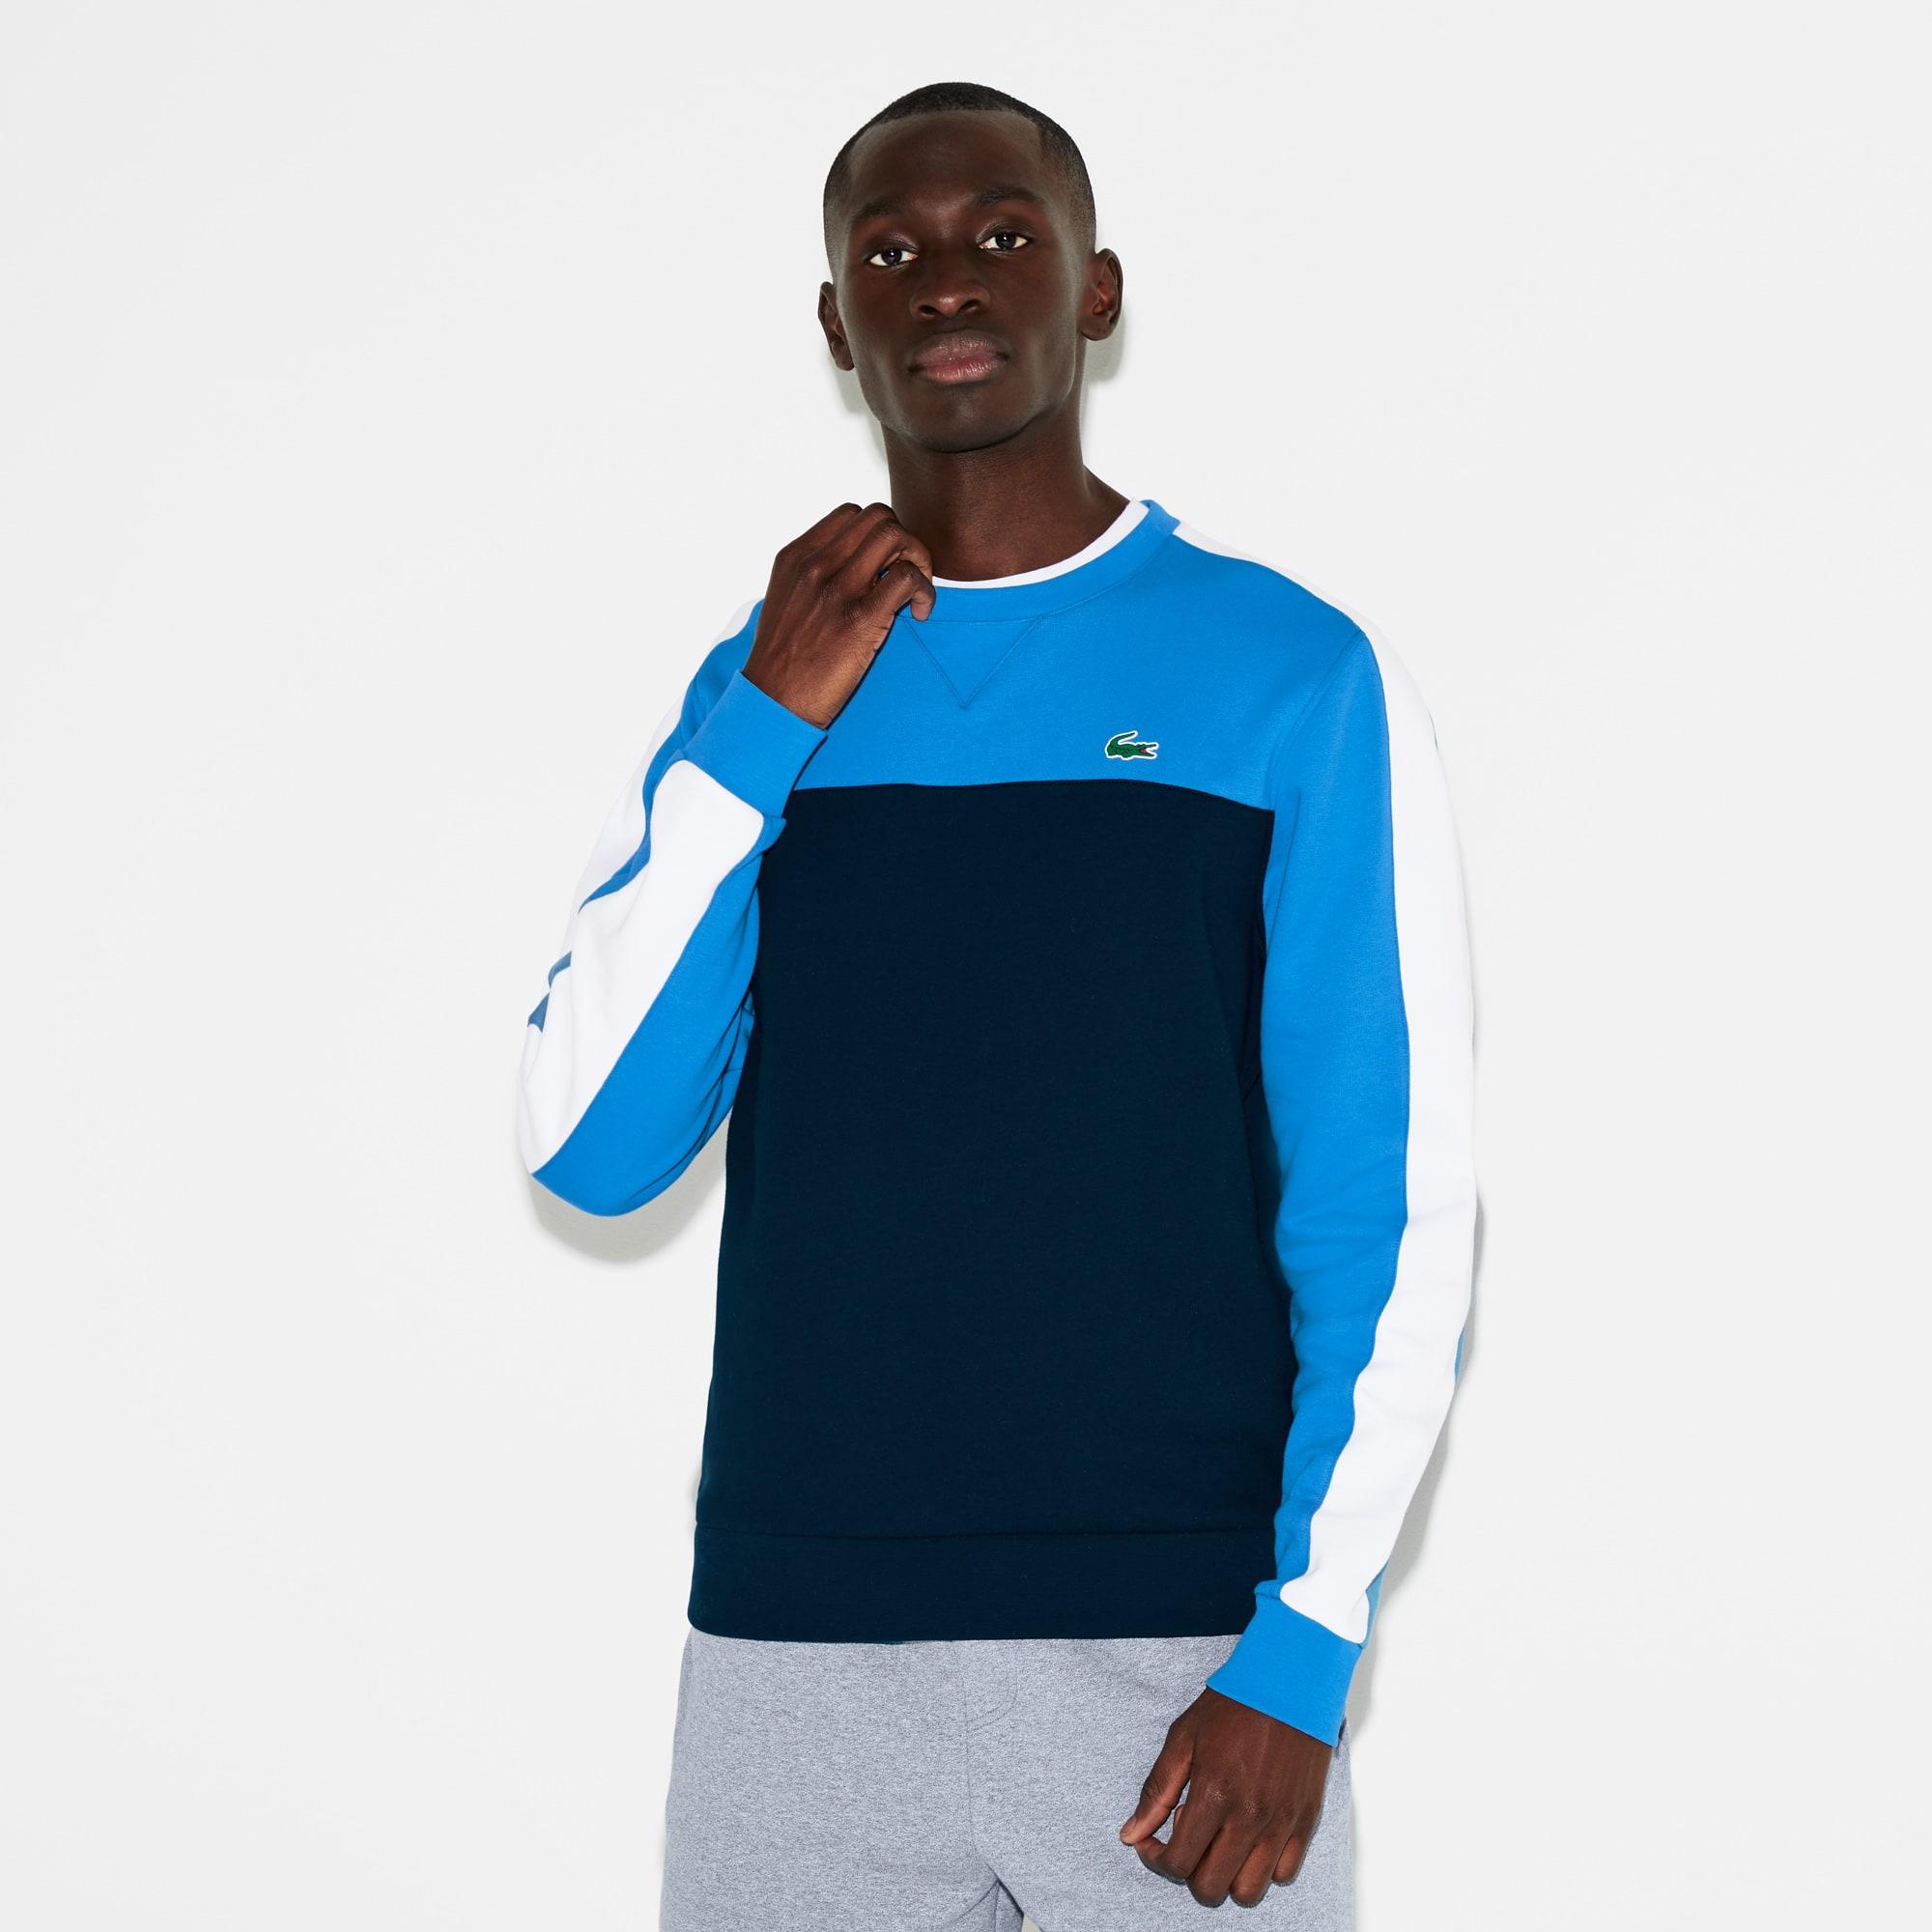 SweatshirtsHoodies Lacoste SweatshirtsHoodies Men's Lacoste Lacoste Men's Men's Men's SweatshirtsHoodies nwvNm80yOP